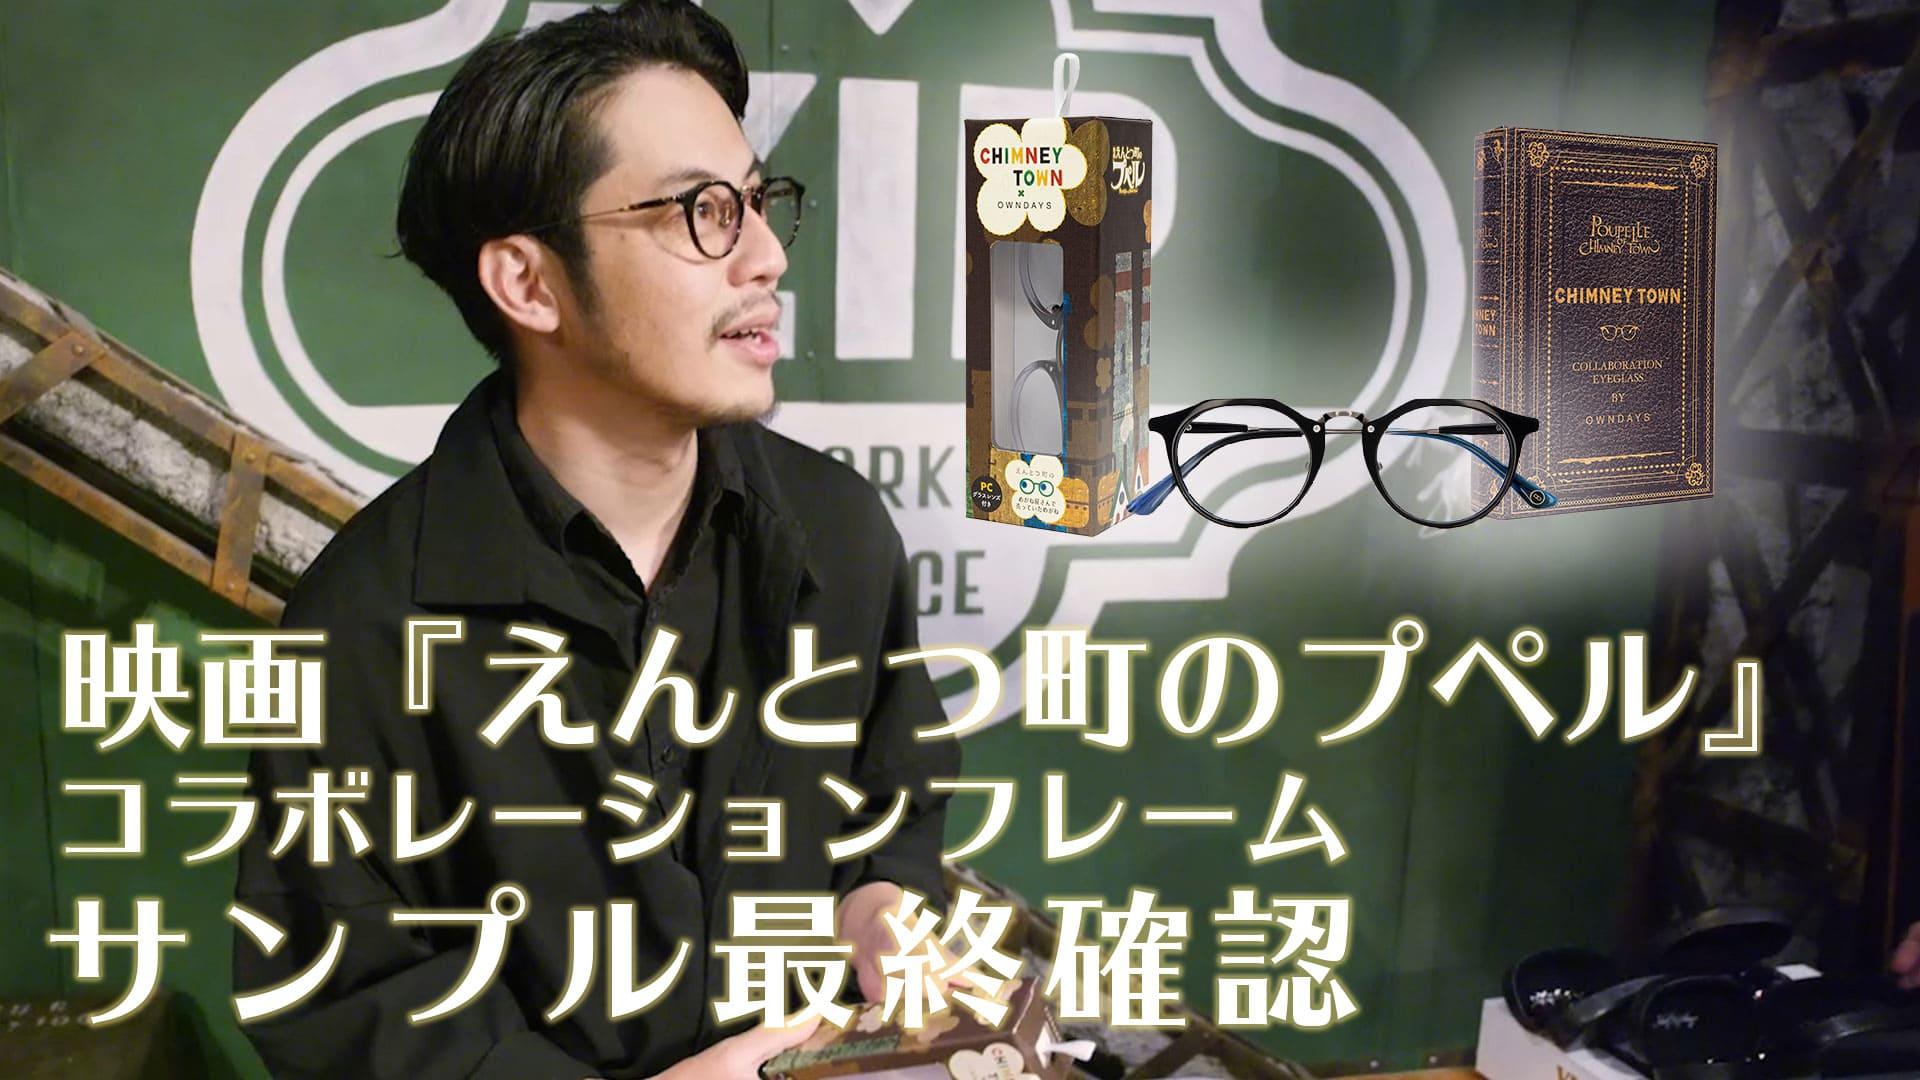 コラボ監修・西野亮廣さんへのインタビュー動画